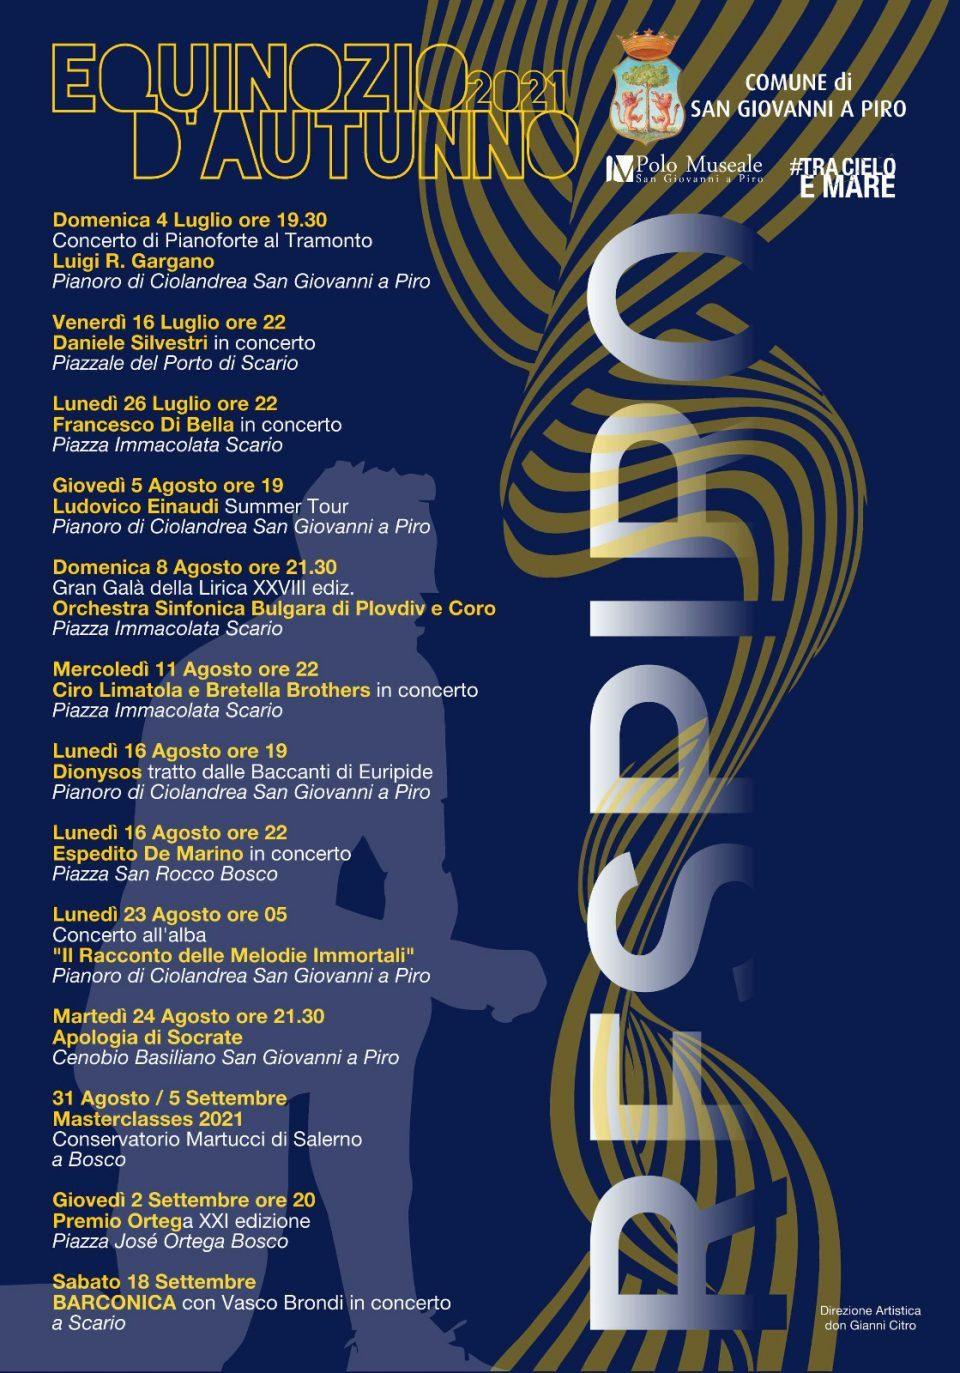 Equinozio Autunno Festival 2021 San giovanni a Piro CilentoConcerti Don Gianni Citro Programma 960x1373 - San Giovanni a Piro, Equinozio D'Autunno Festival 2021 - fino al  al 18 Settembre 2021